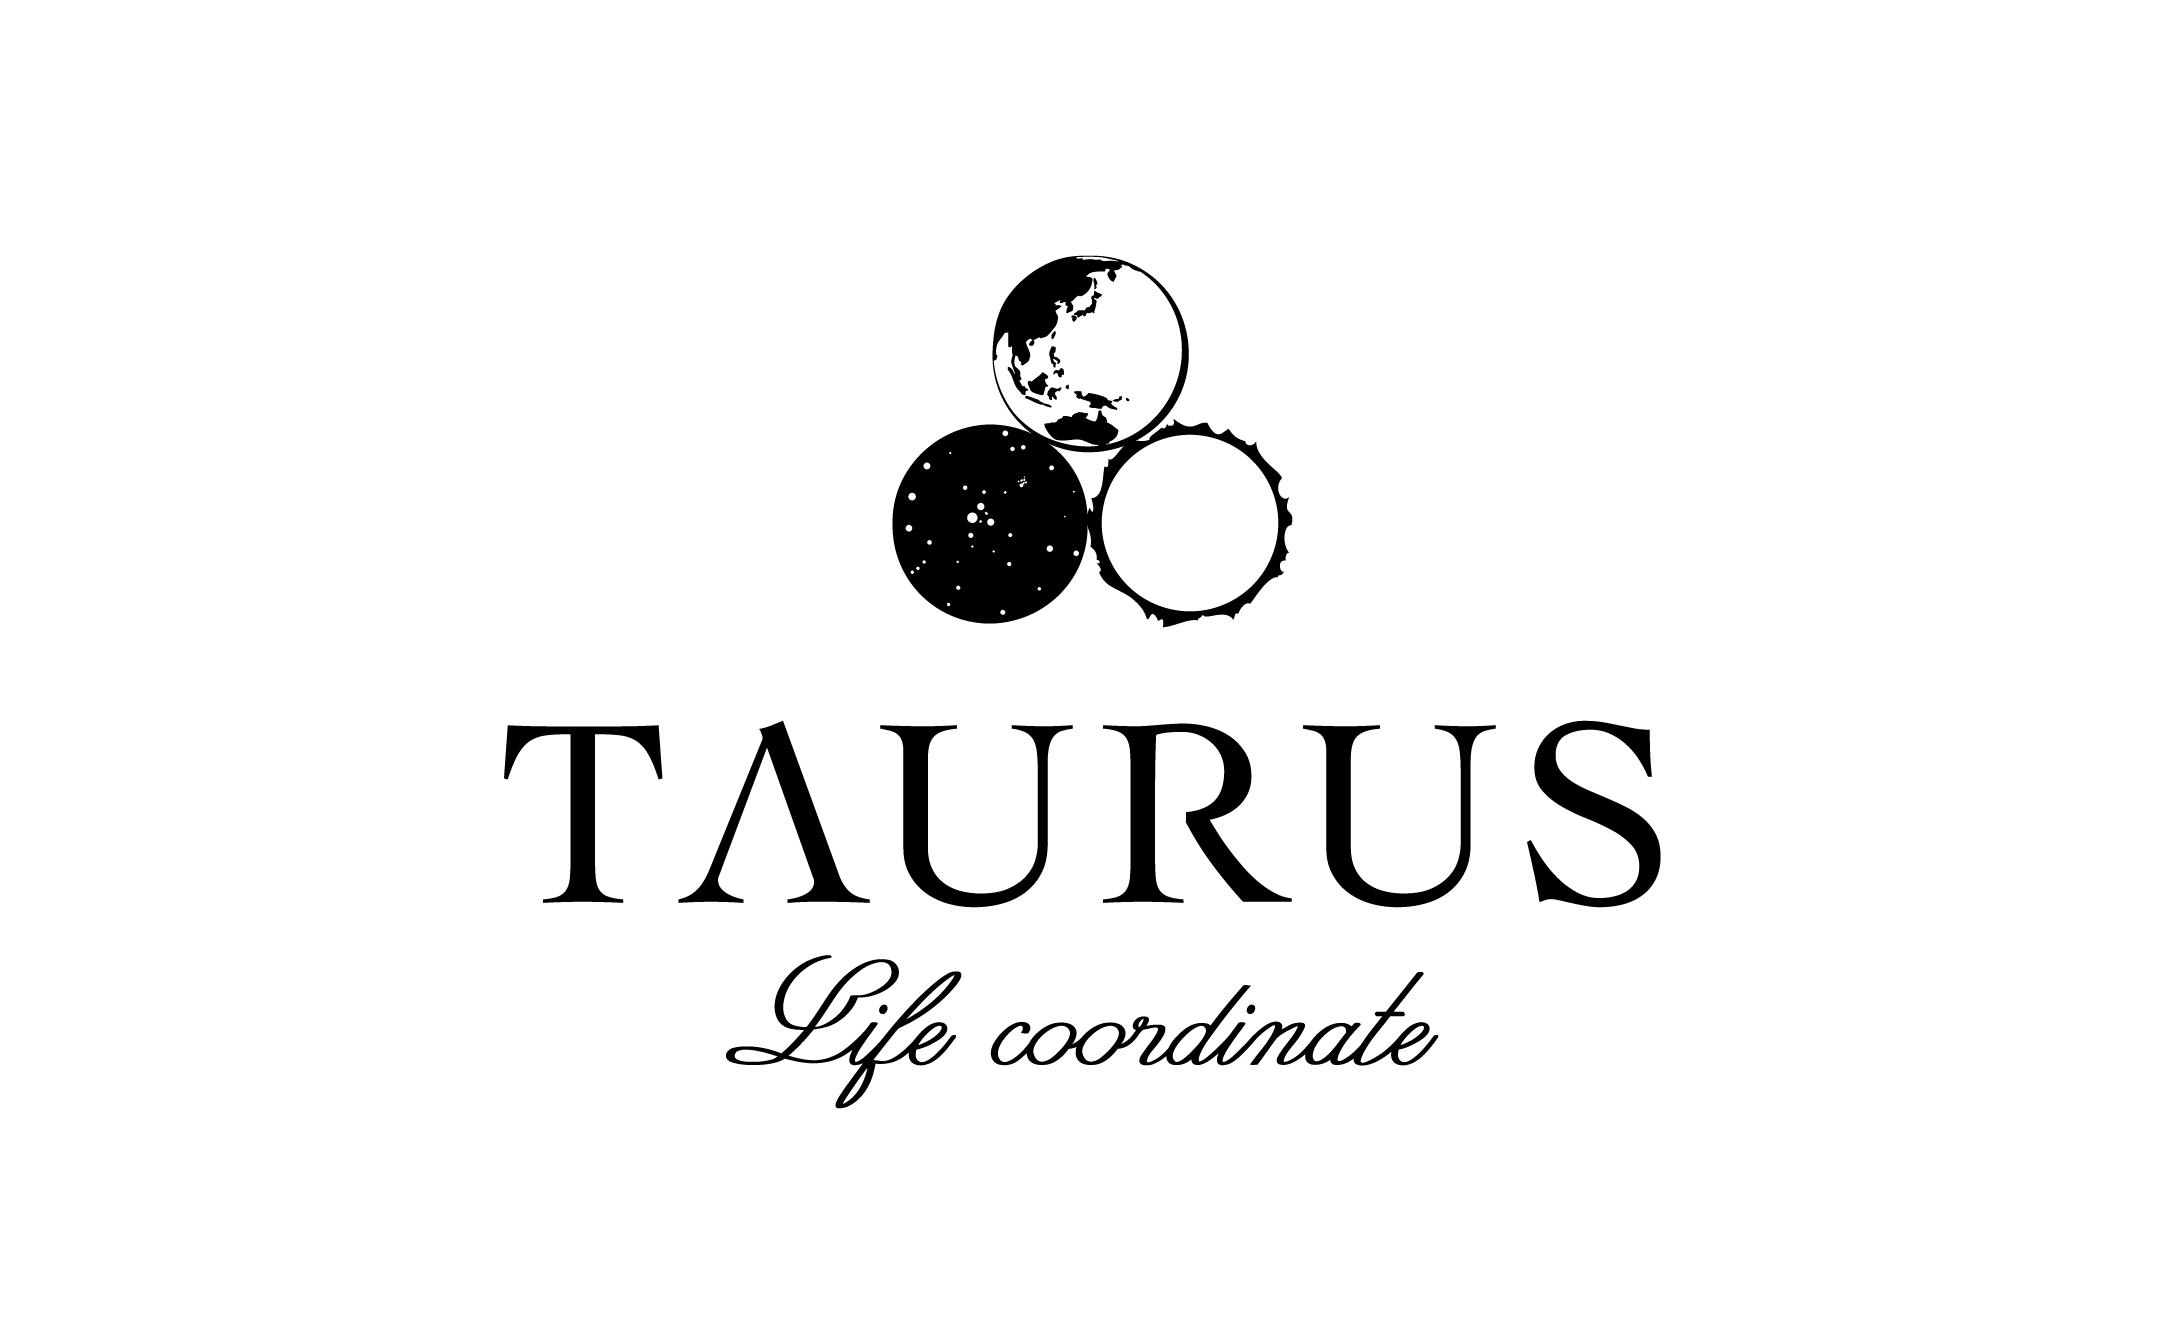 パワーストーンセラピー TAURUS ロゴ制作